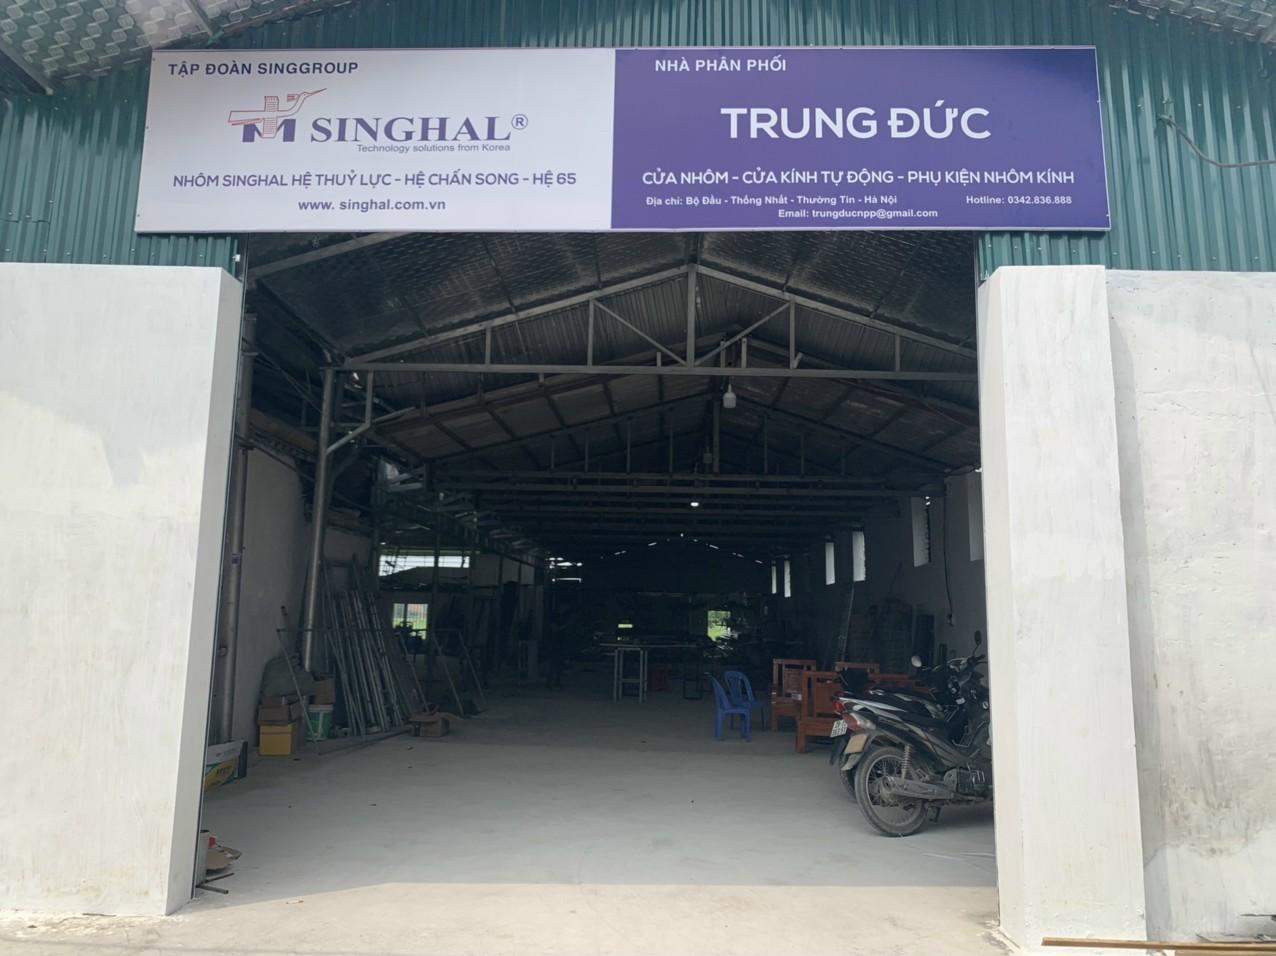 NPP Trung Đức - Singhal Thường Tín